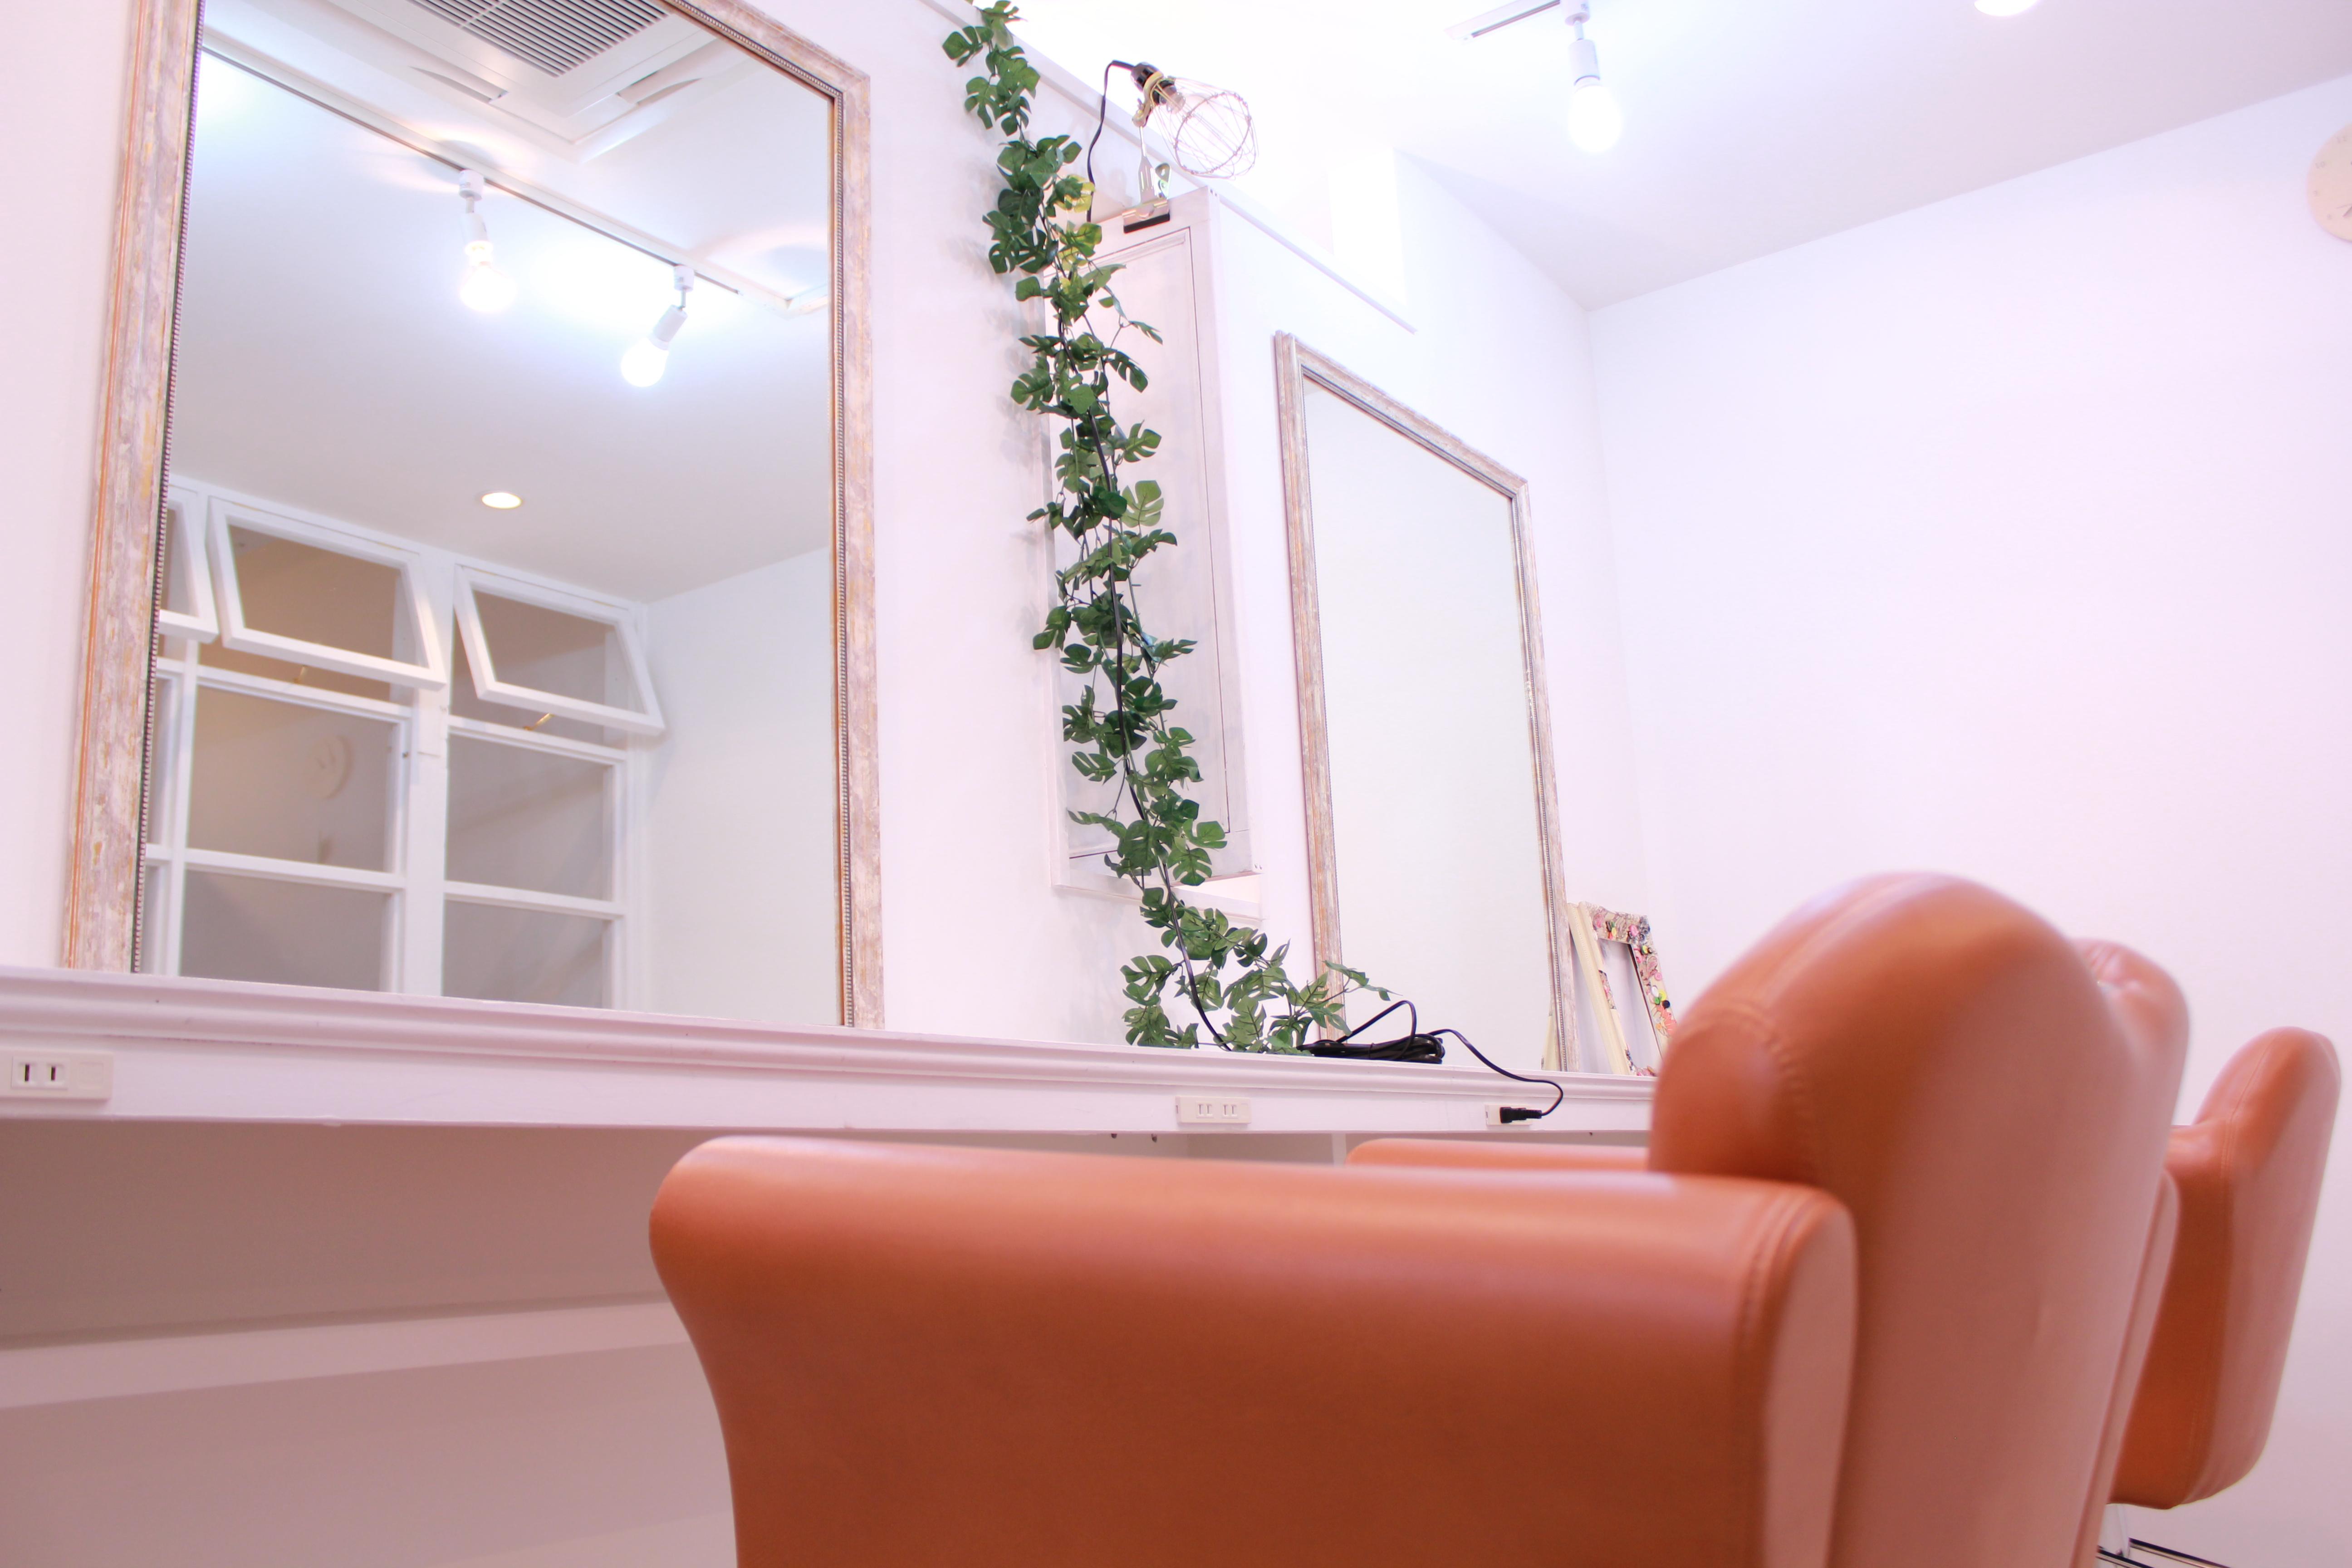 美容室居抜き物件の写真です。